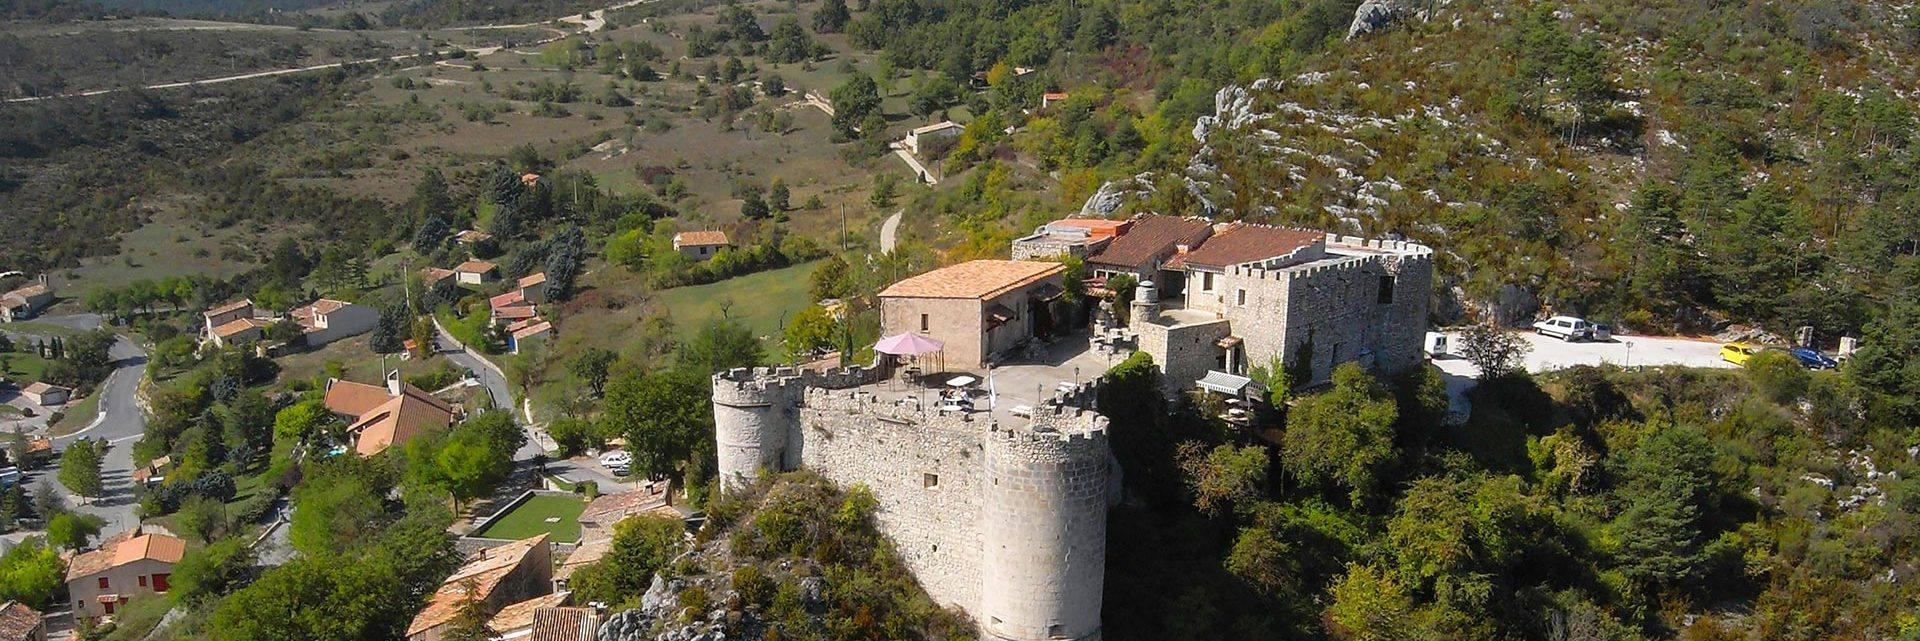 Le château de Trigance